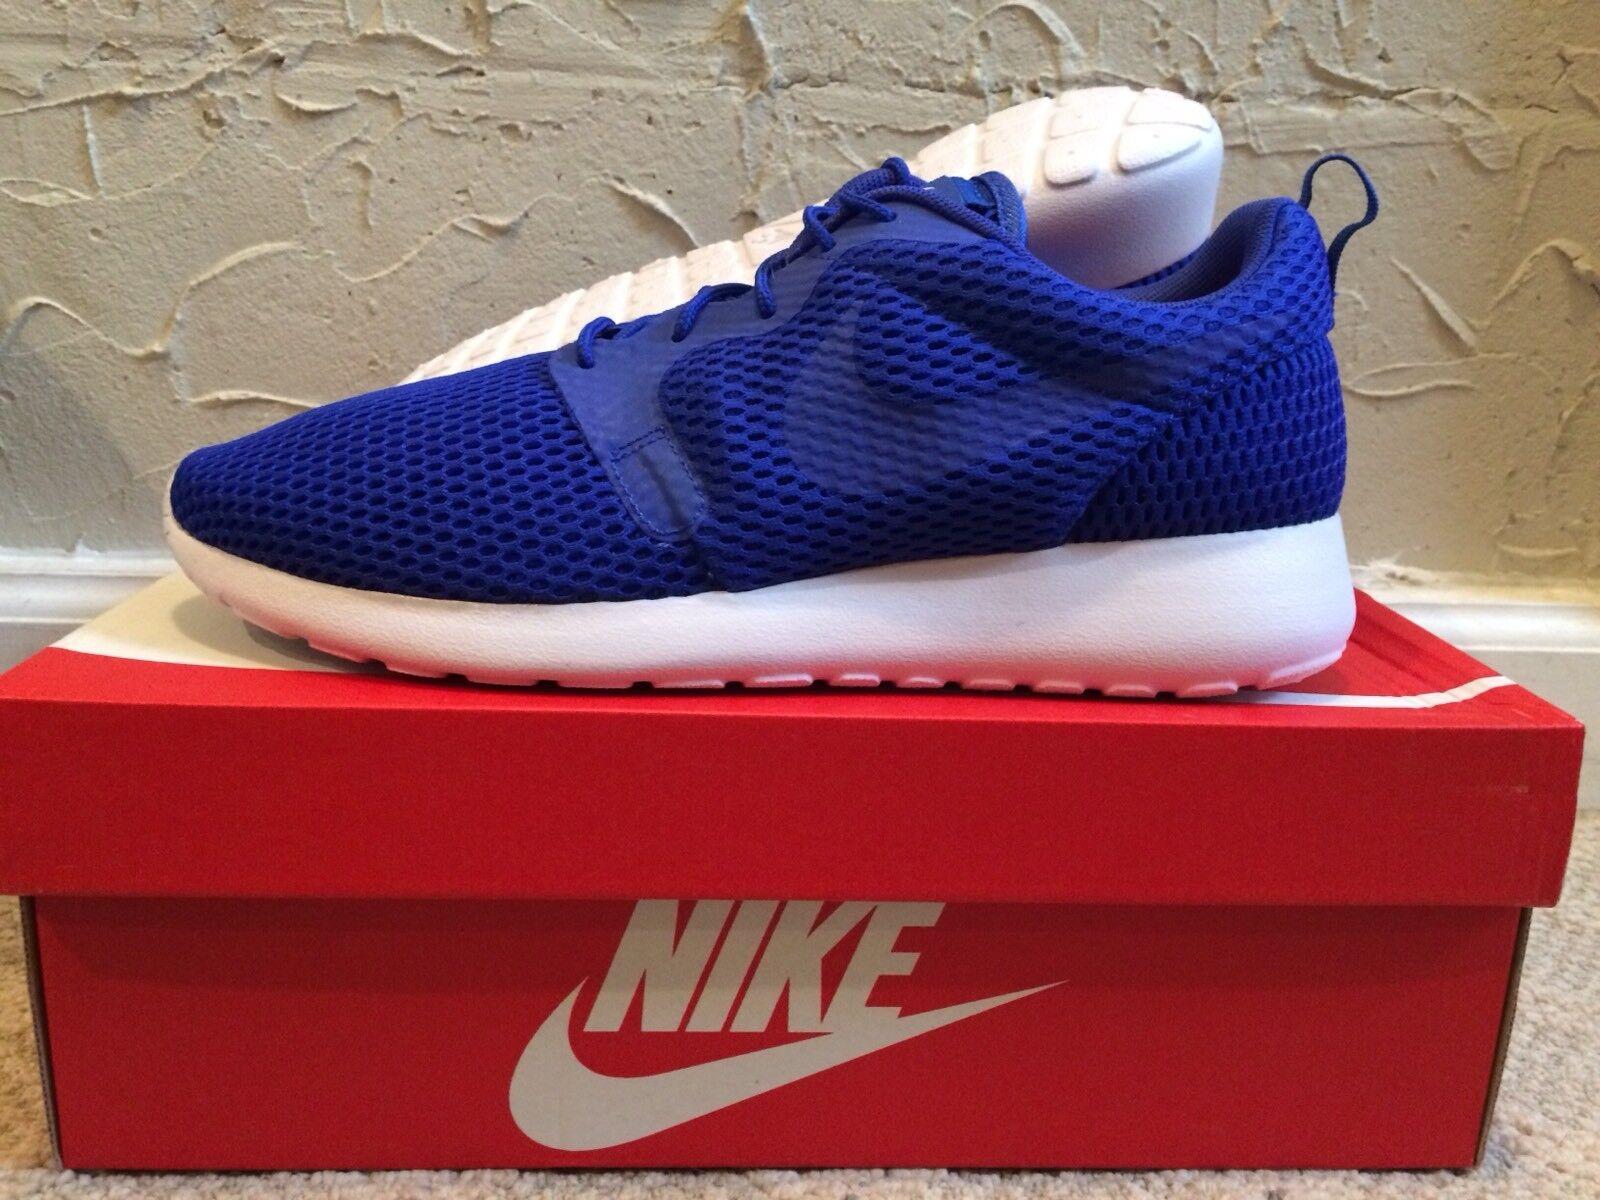 Nike Roshe Run One Hyp BR Racer Blue / White Mens Size 9.5 DS NEW! 833125-401